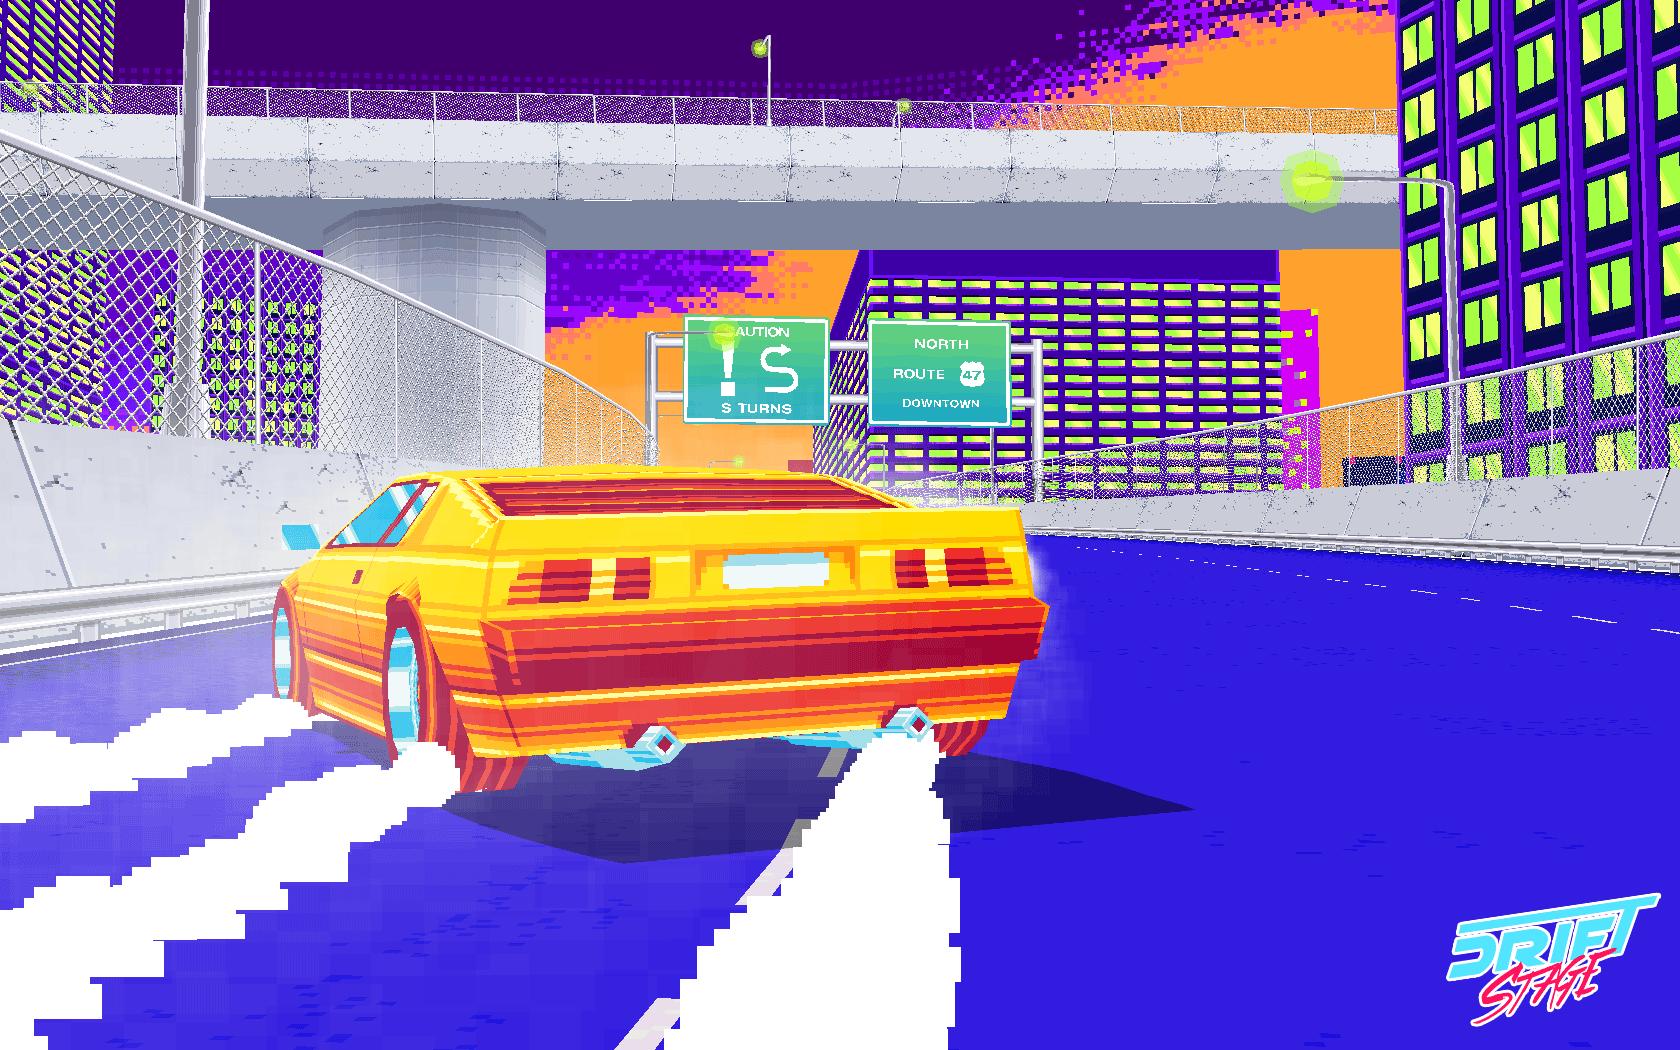 Drift stage 0